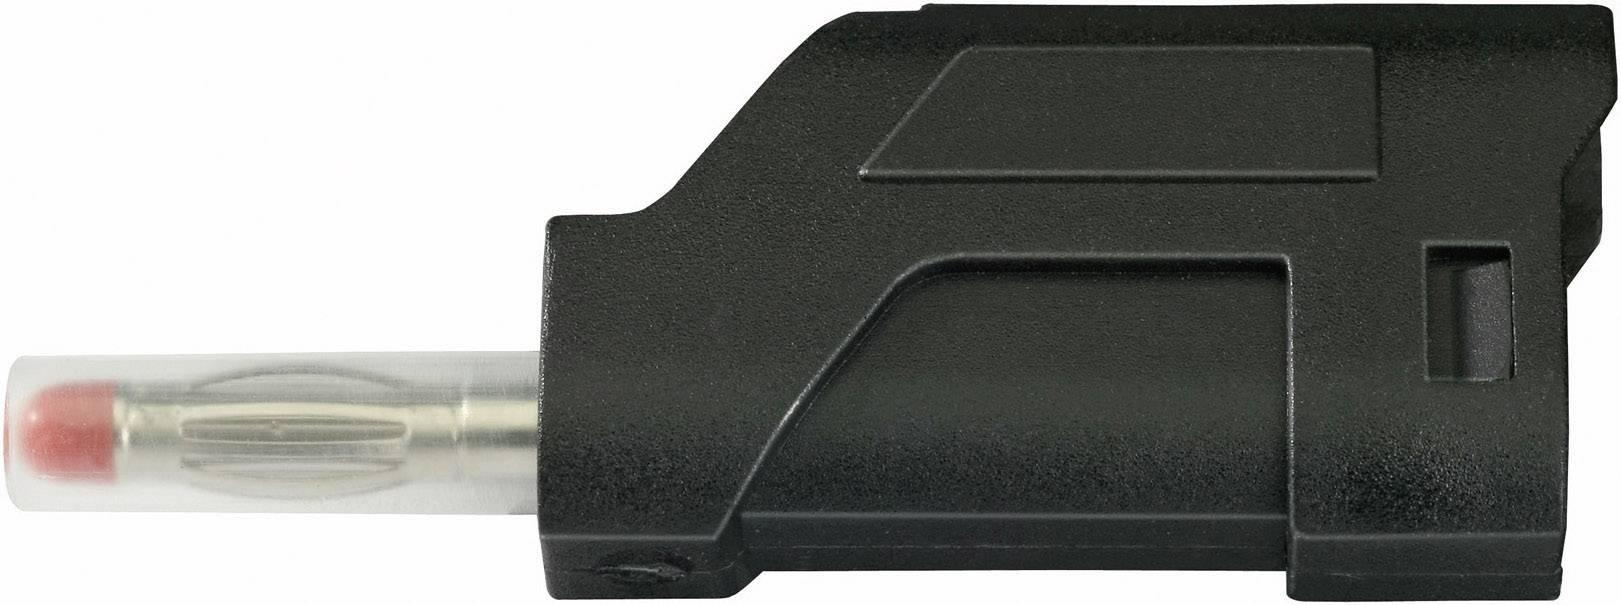 Lamelová zástrčka SCI R8-104 B – zástrčka, rovná, Ø hrotu: 4 mm, čierna, 1 ks